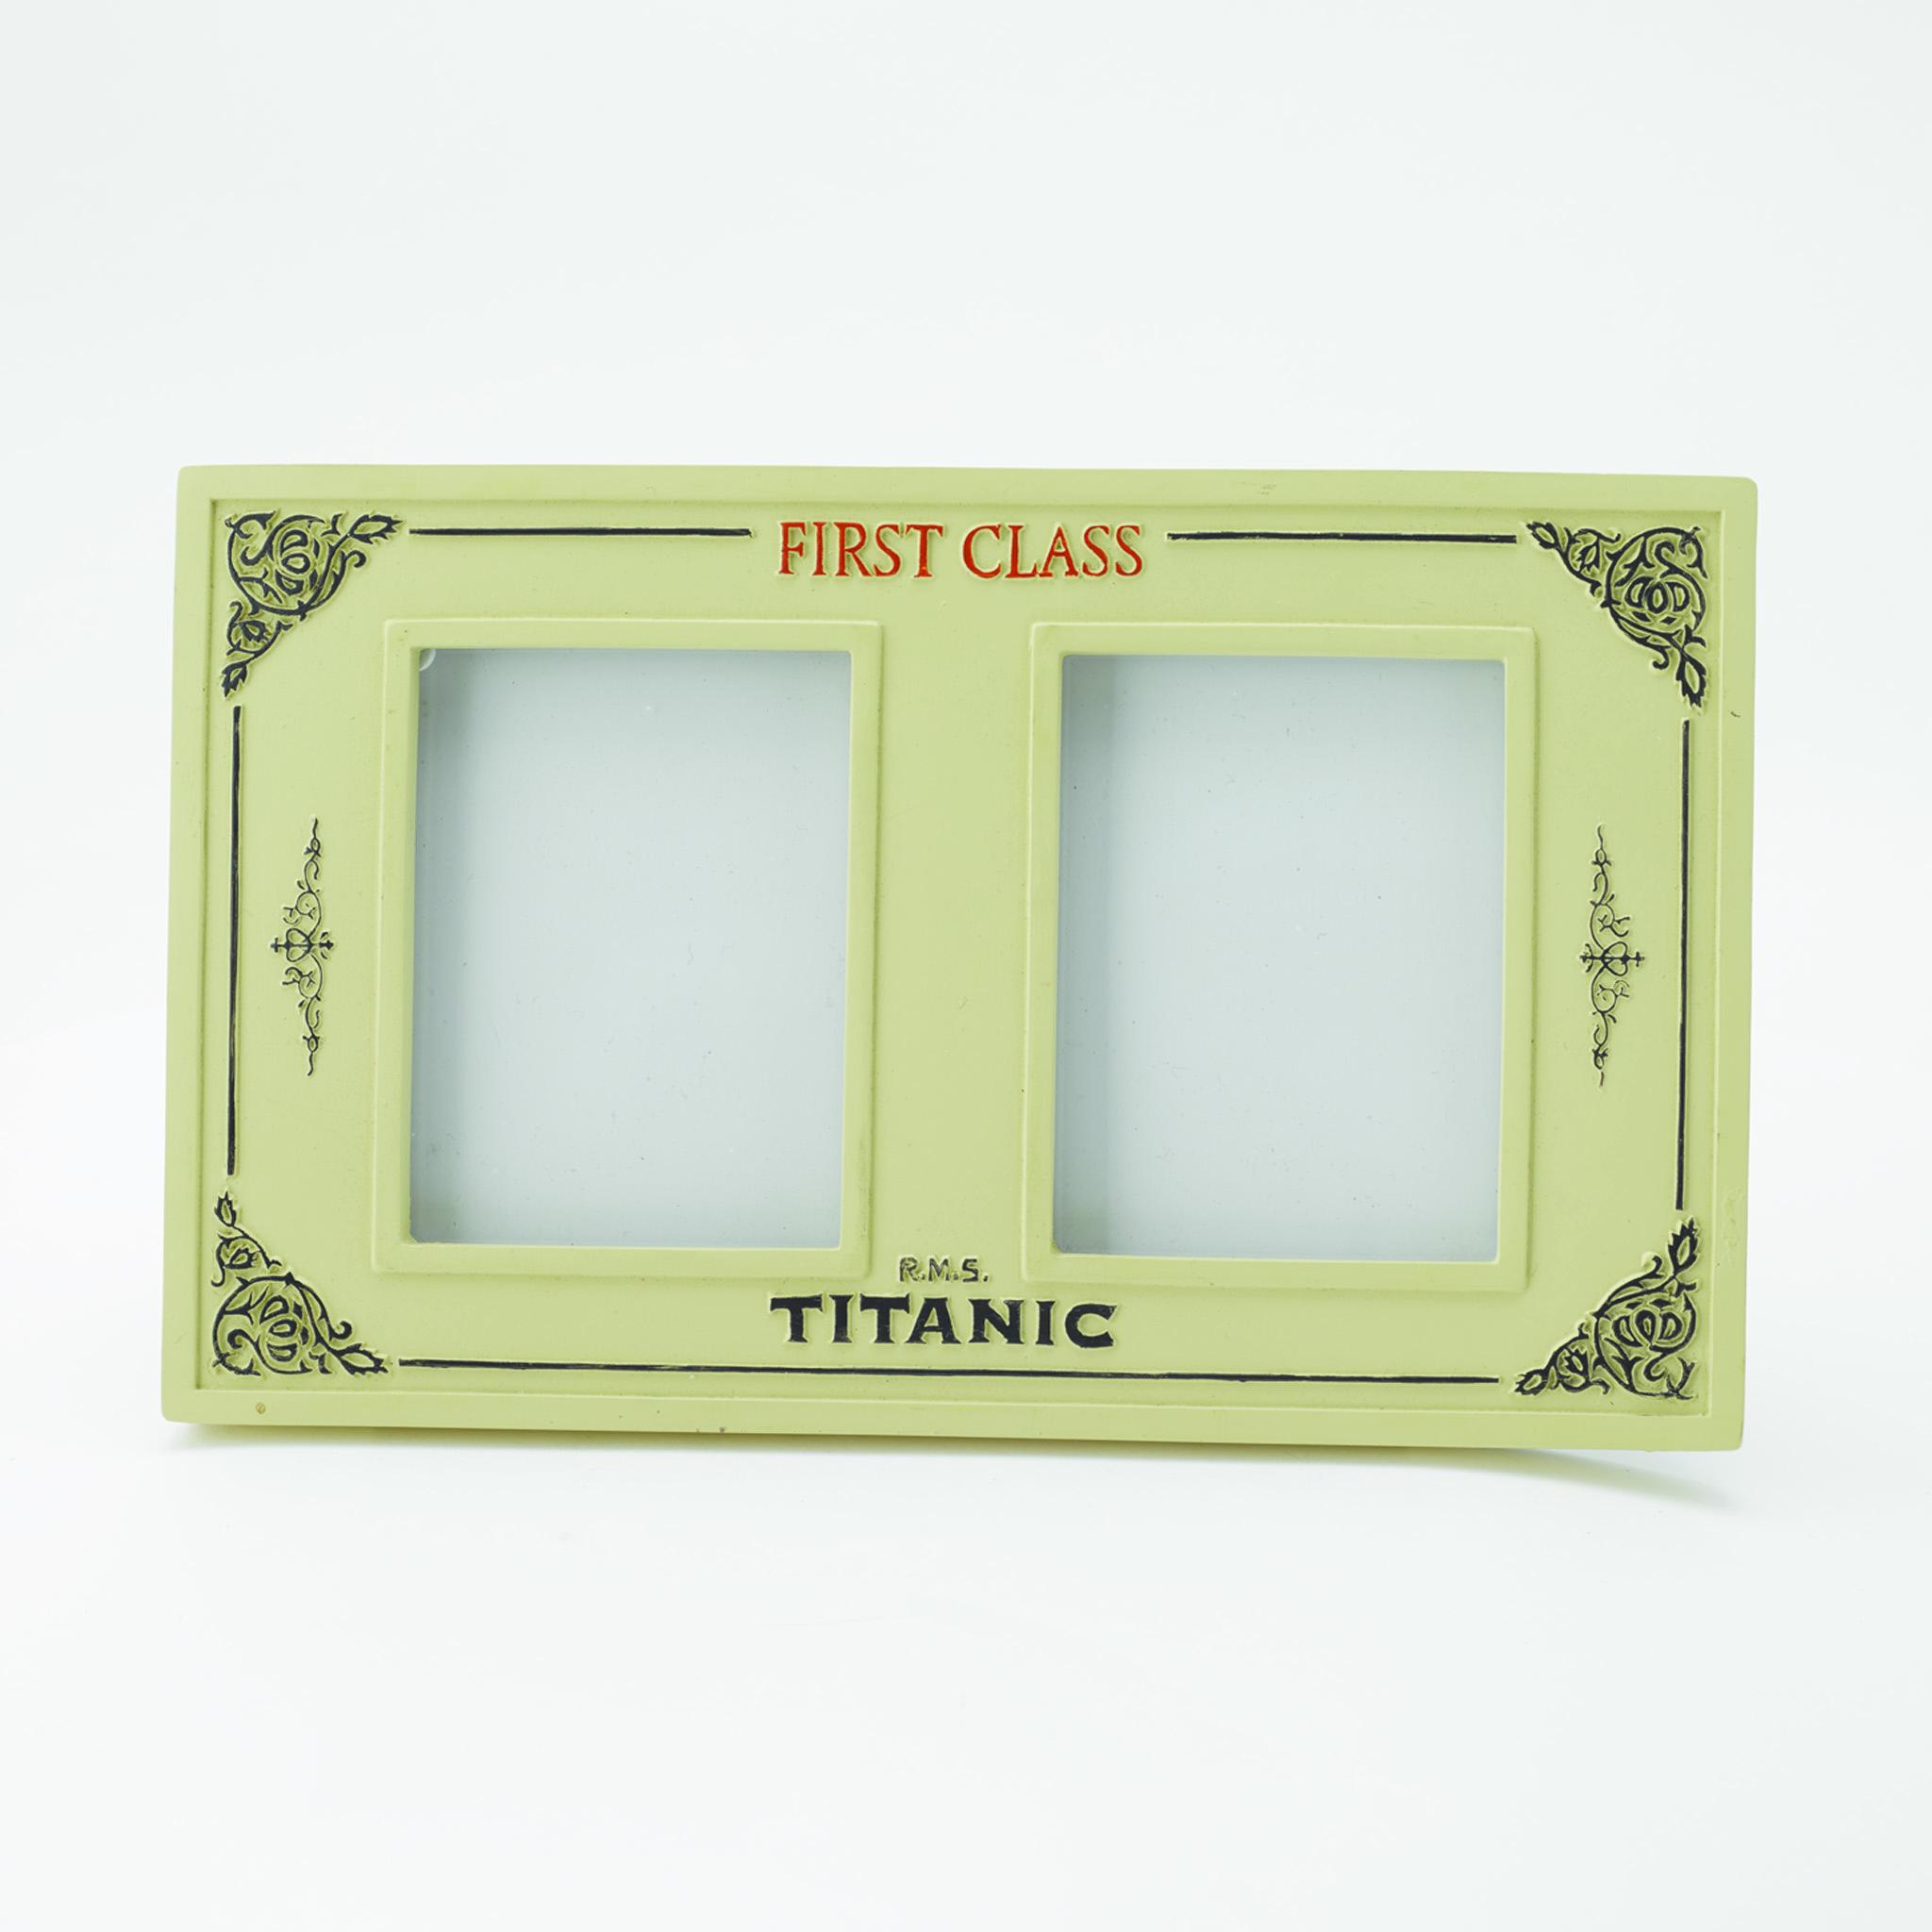 Titanic Double Frame, 3x2